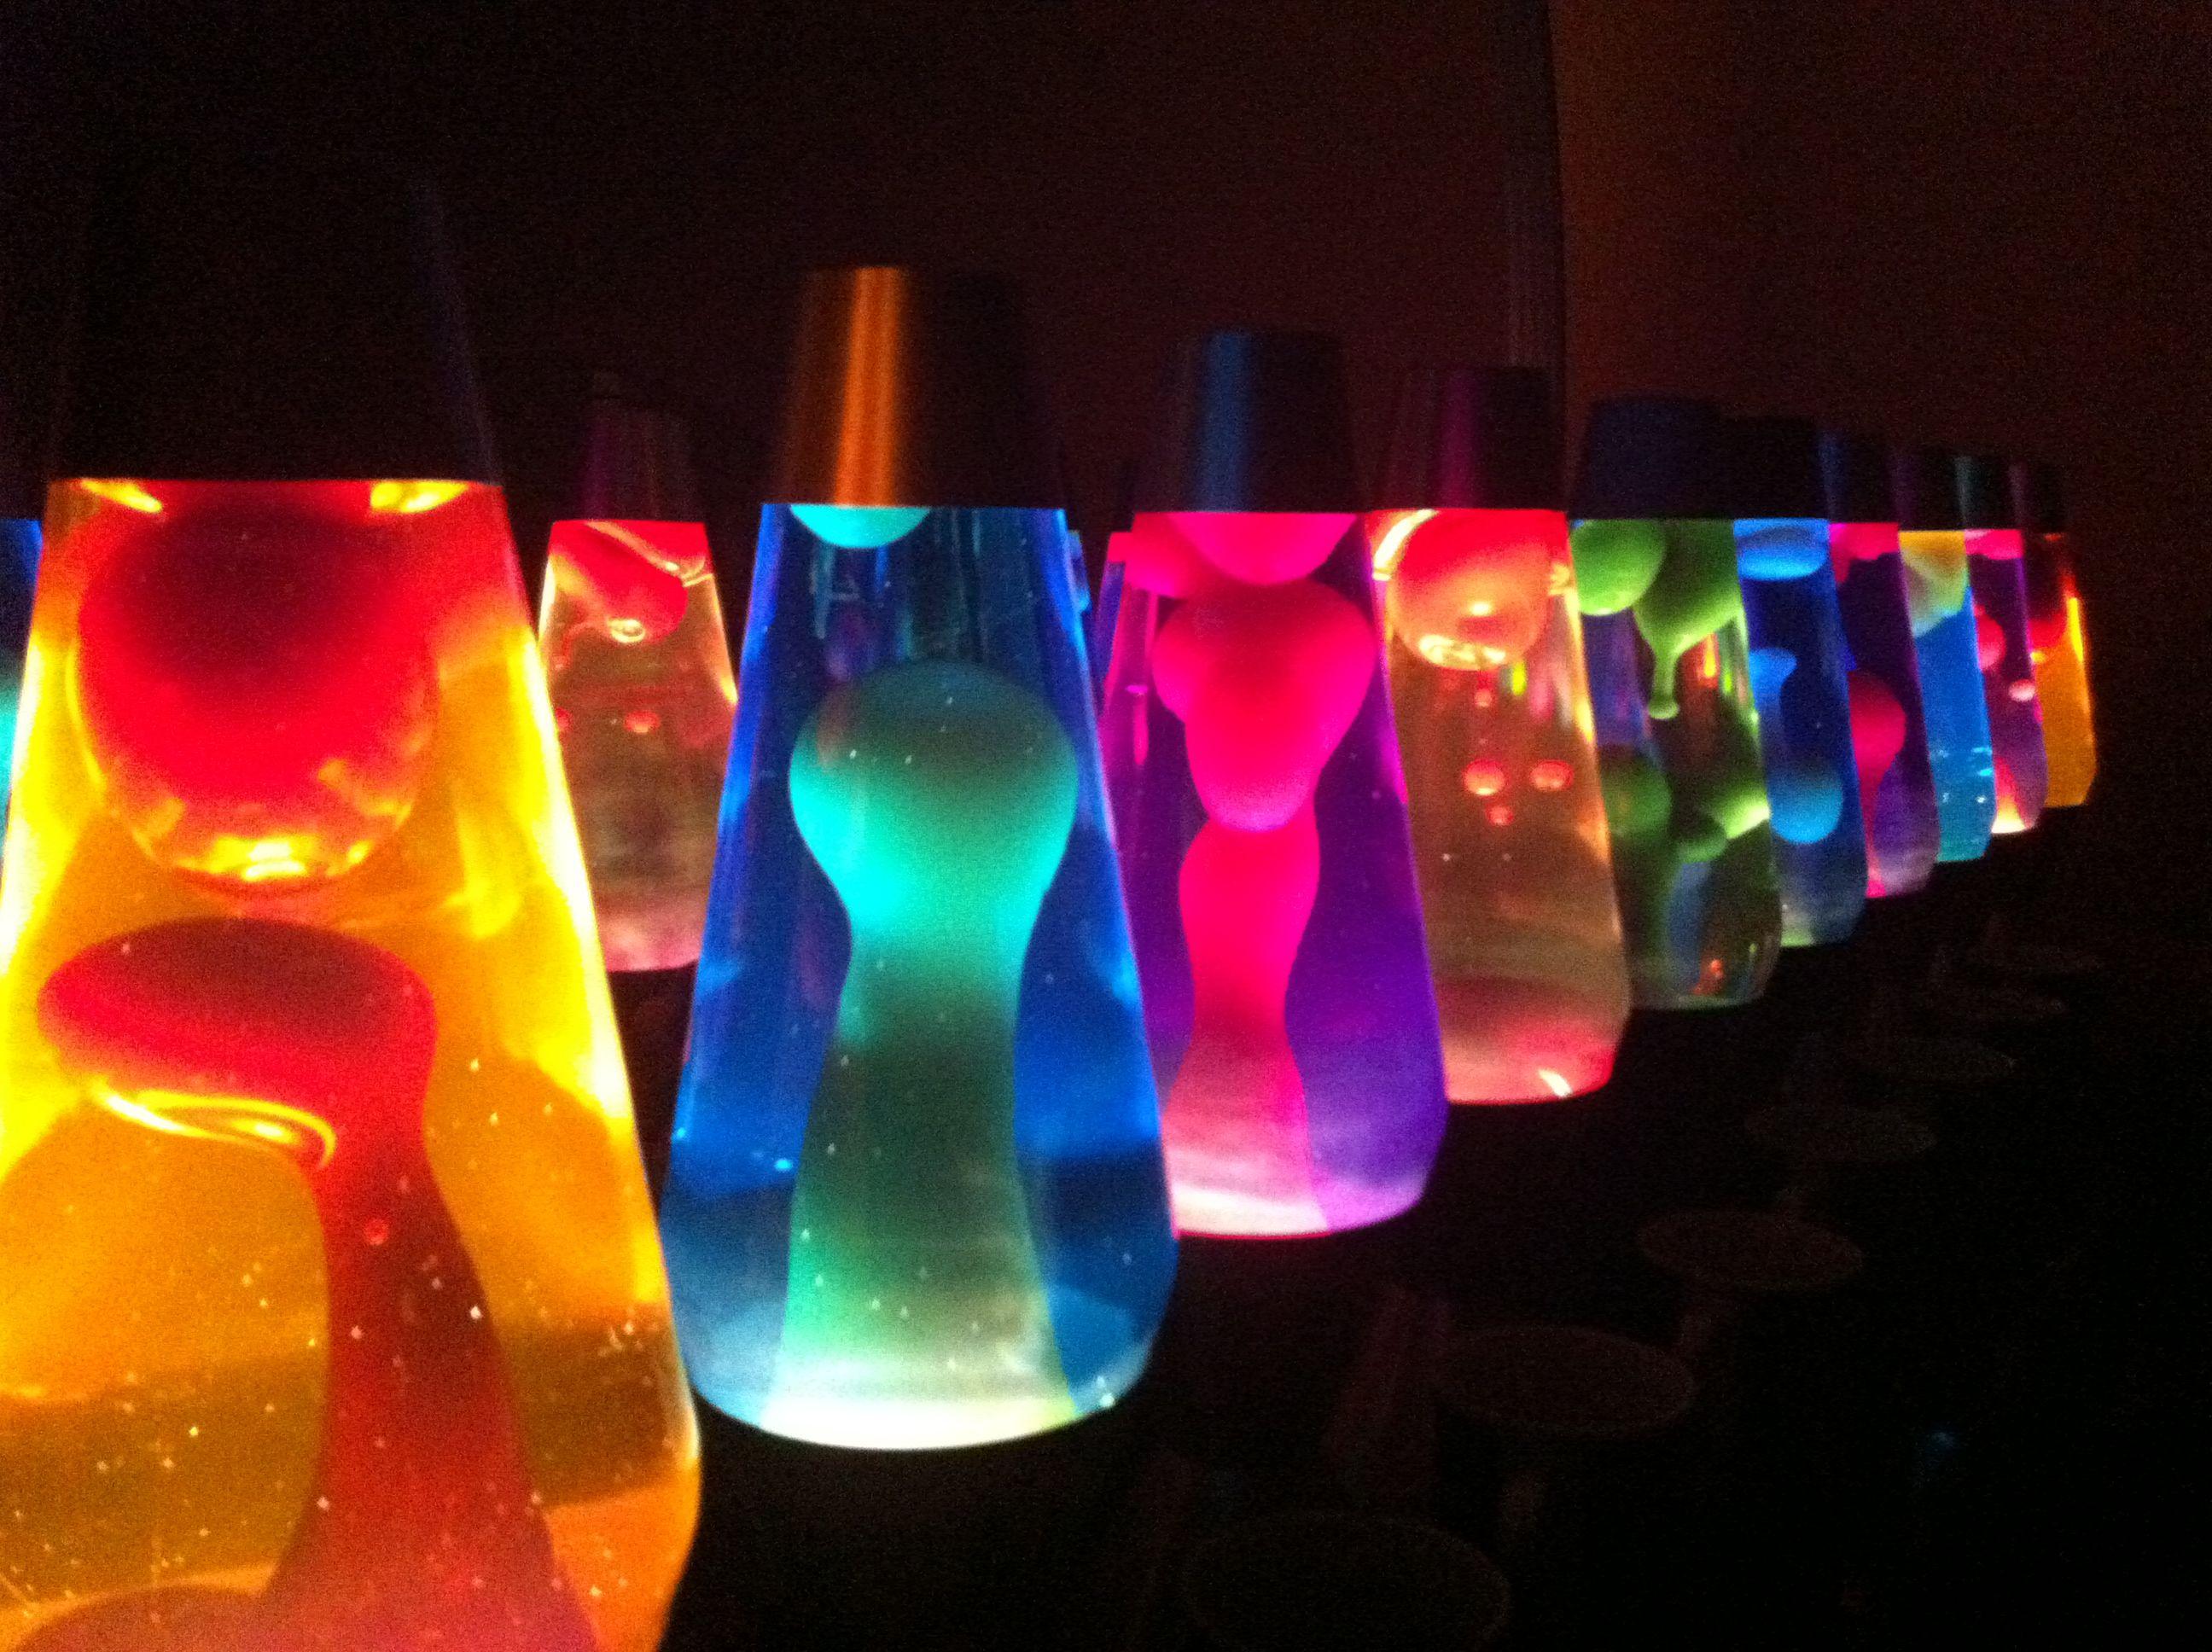 Unique Lava Lamps Different Colored Lava Lamps  Lava Lamps  Pinterest  Lava Lamp